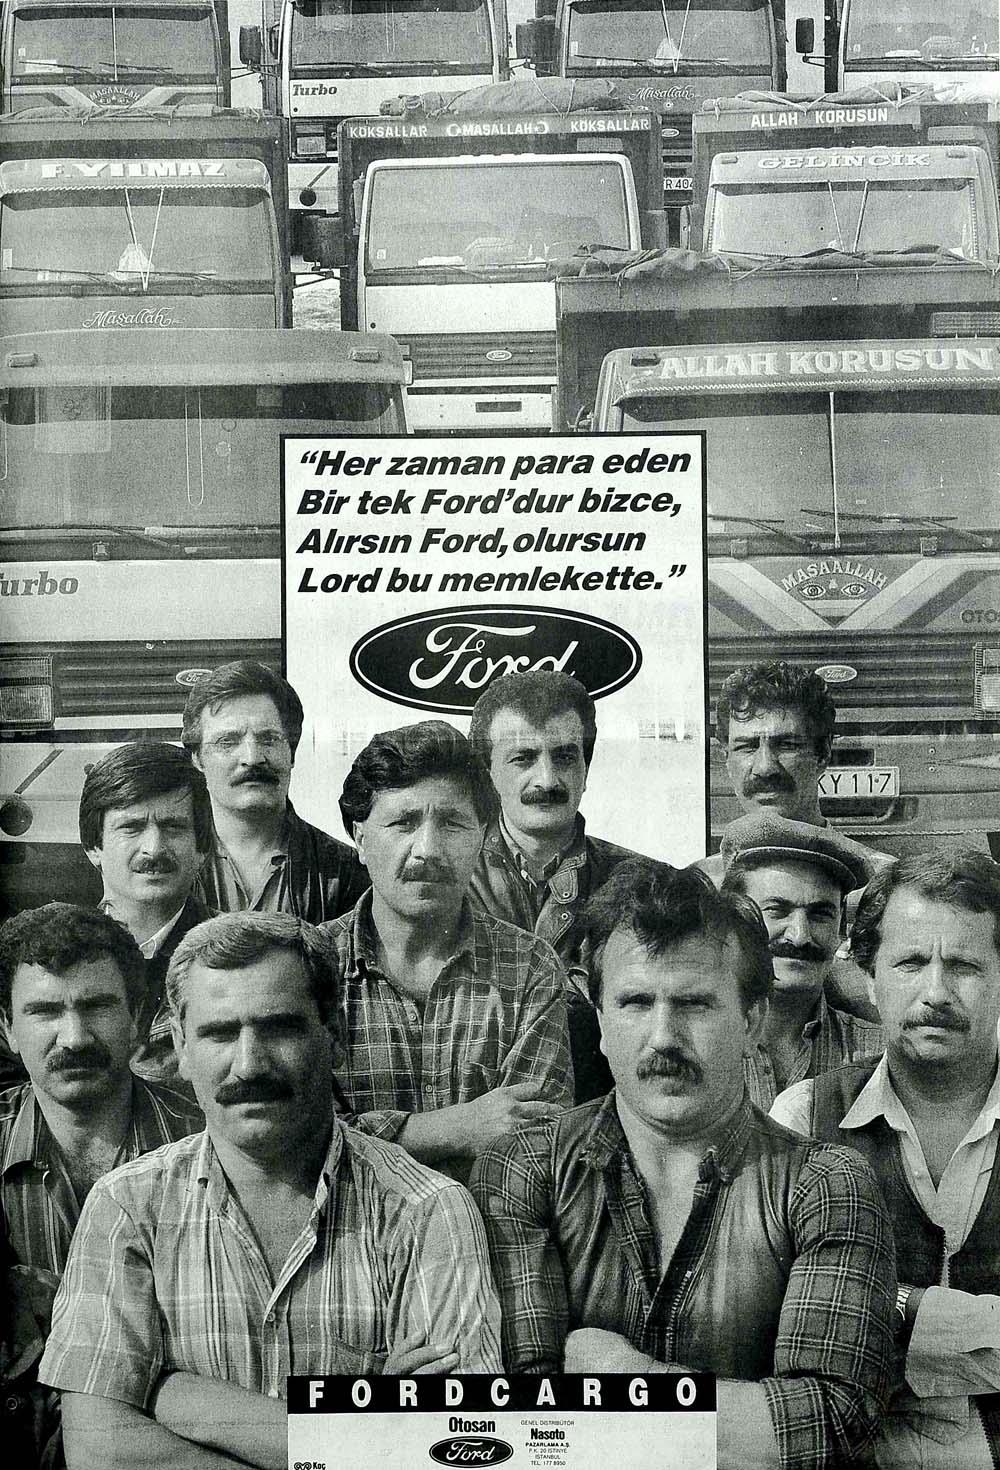 Alırsın Ford, olursun Lord bu memlekette